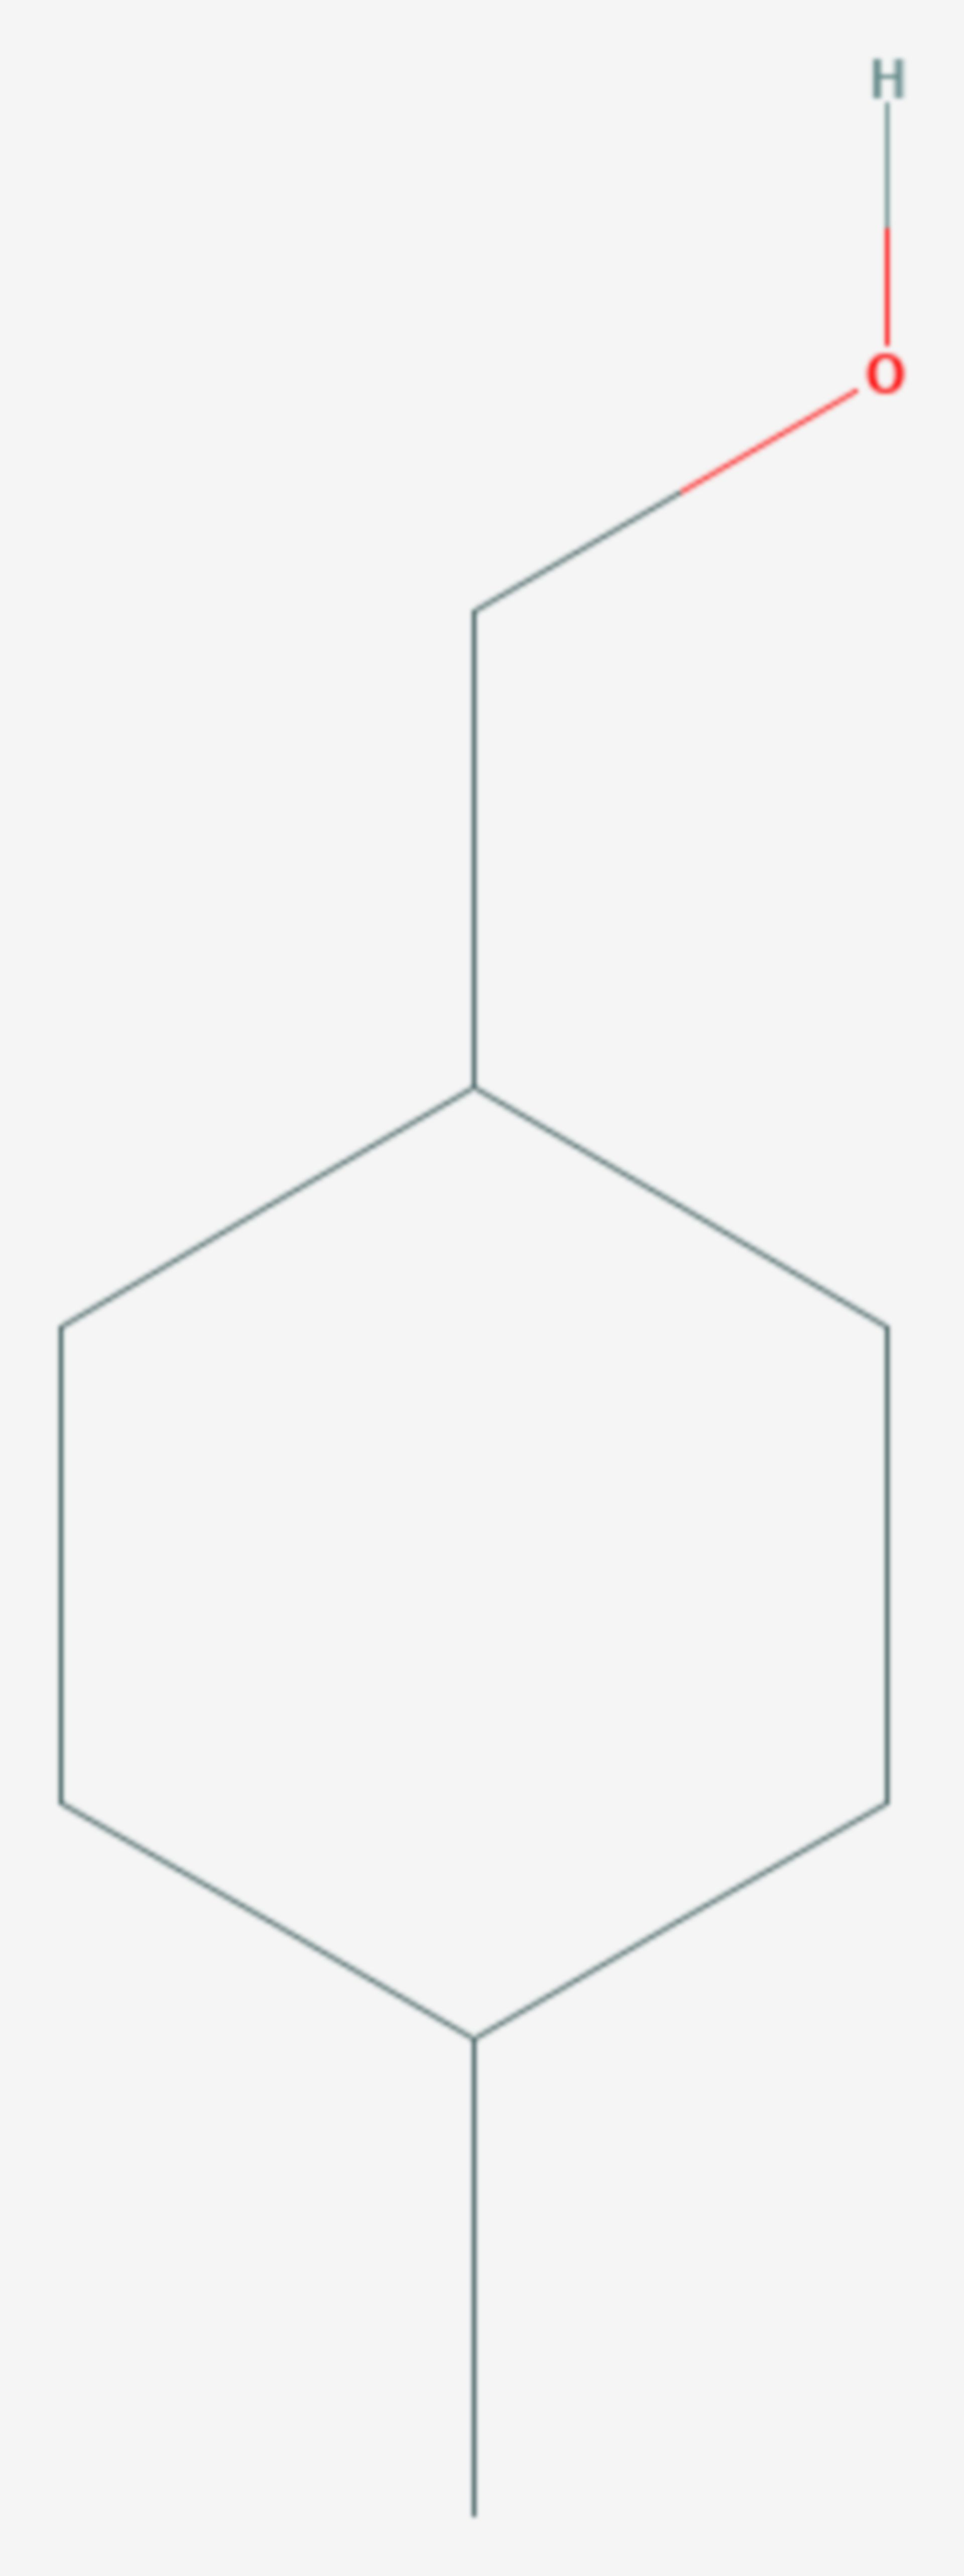 4-Methylcyclohexylmethanol (Strukturformel)